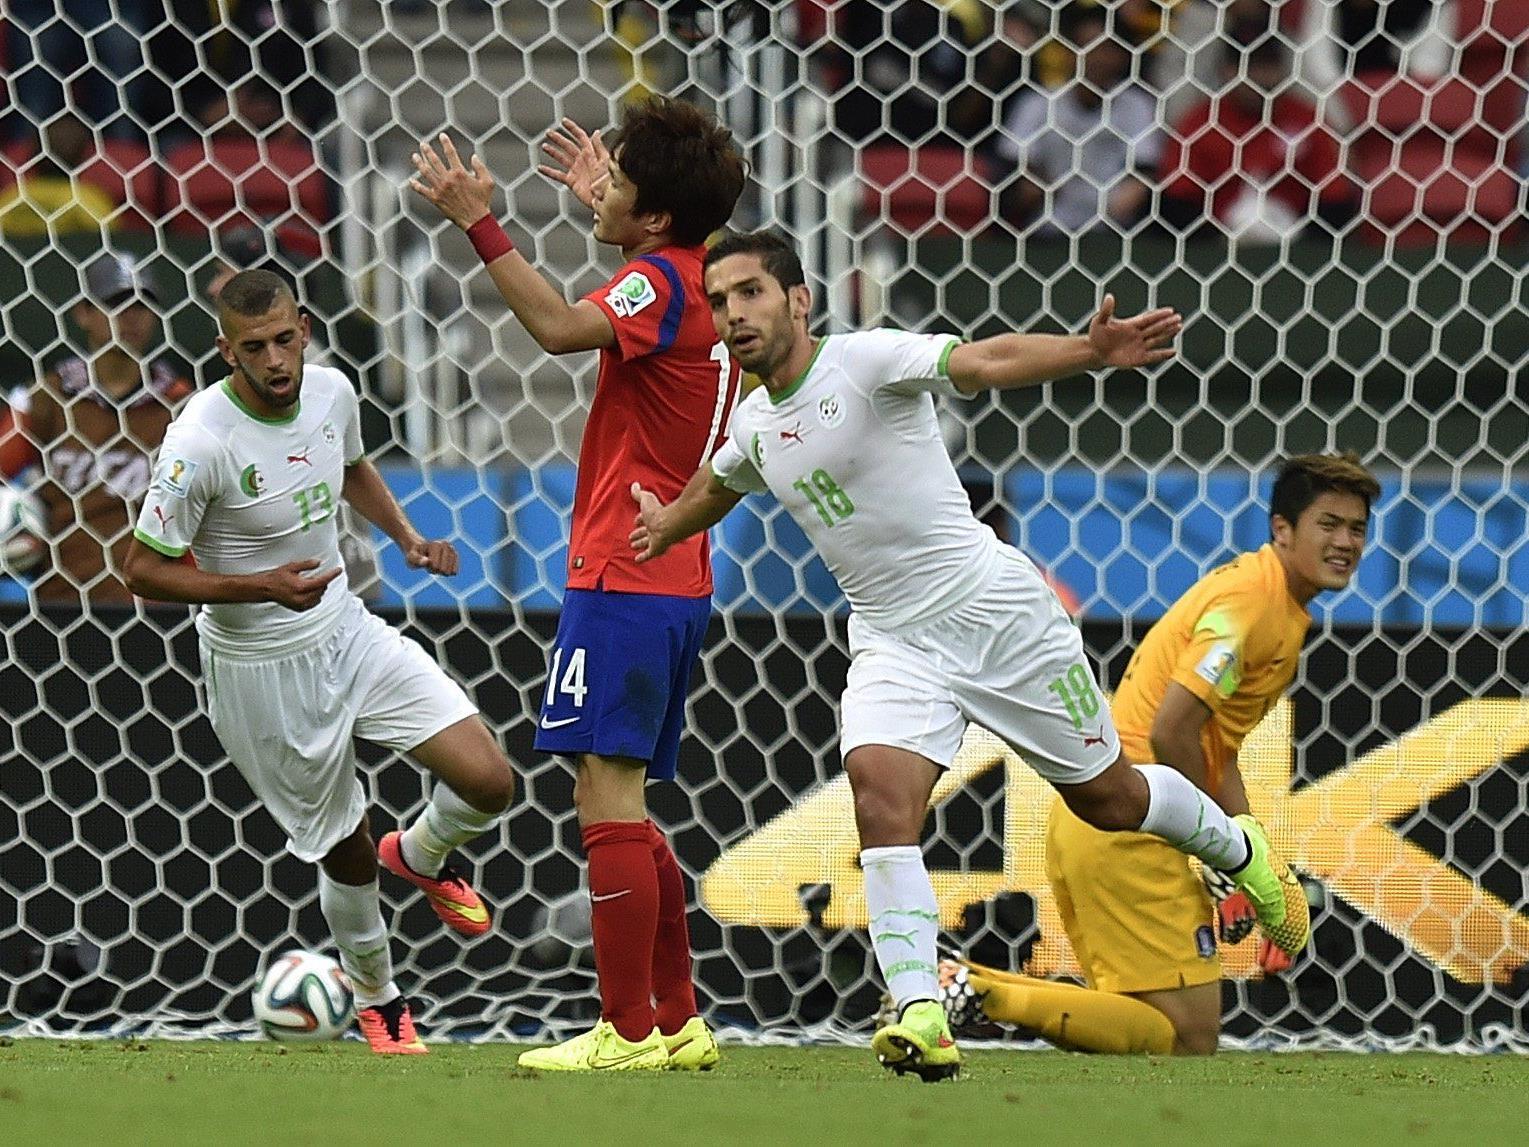 Die Algerier überzeugten vor allem in der ersten Halbzeit mit schnellem Angriffsfußball.